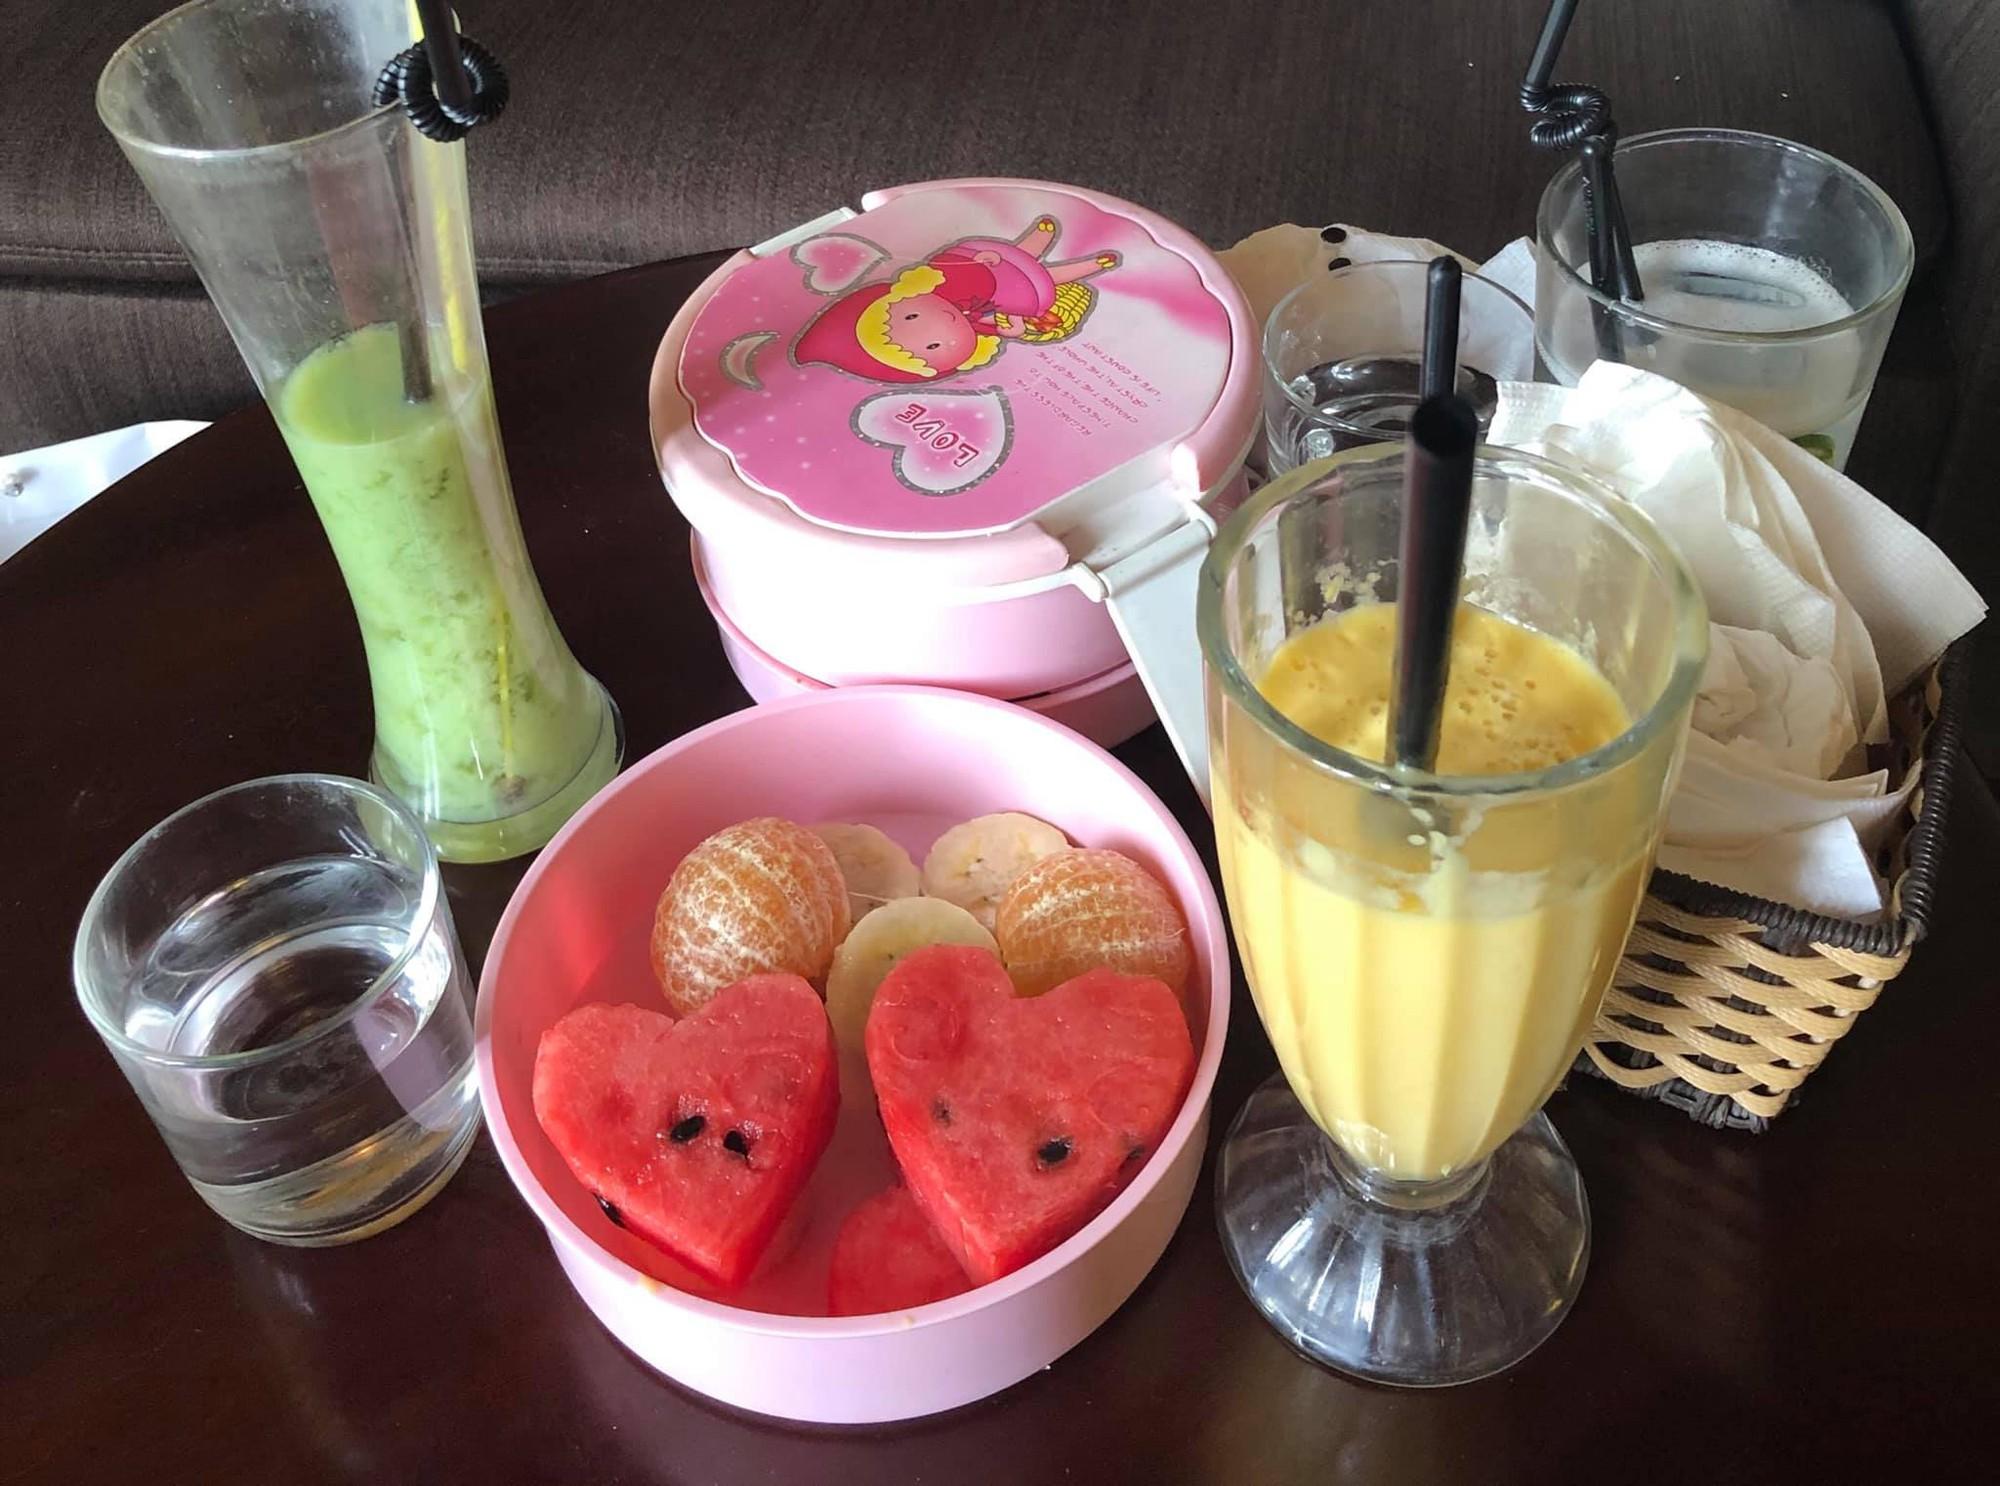 Tin đồn ly hôn vợ còn chưa biết thực hư, Việt Anh đã không ngại đăng bữa trưa ngọt ngào nhìn đã biết là do phụ nữ chuẩn bị - Ảnh 1.